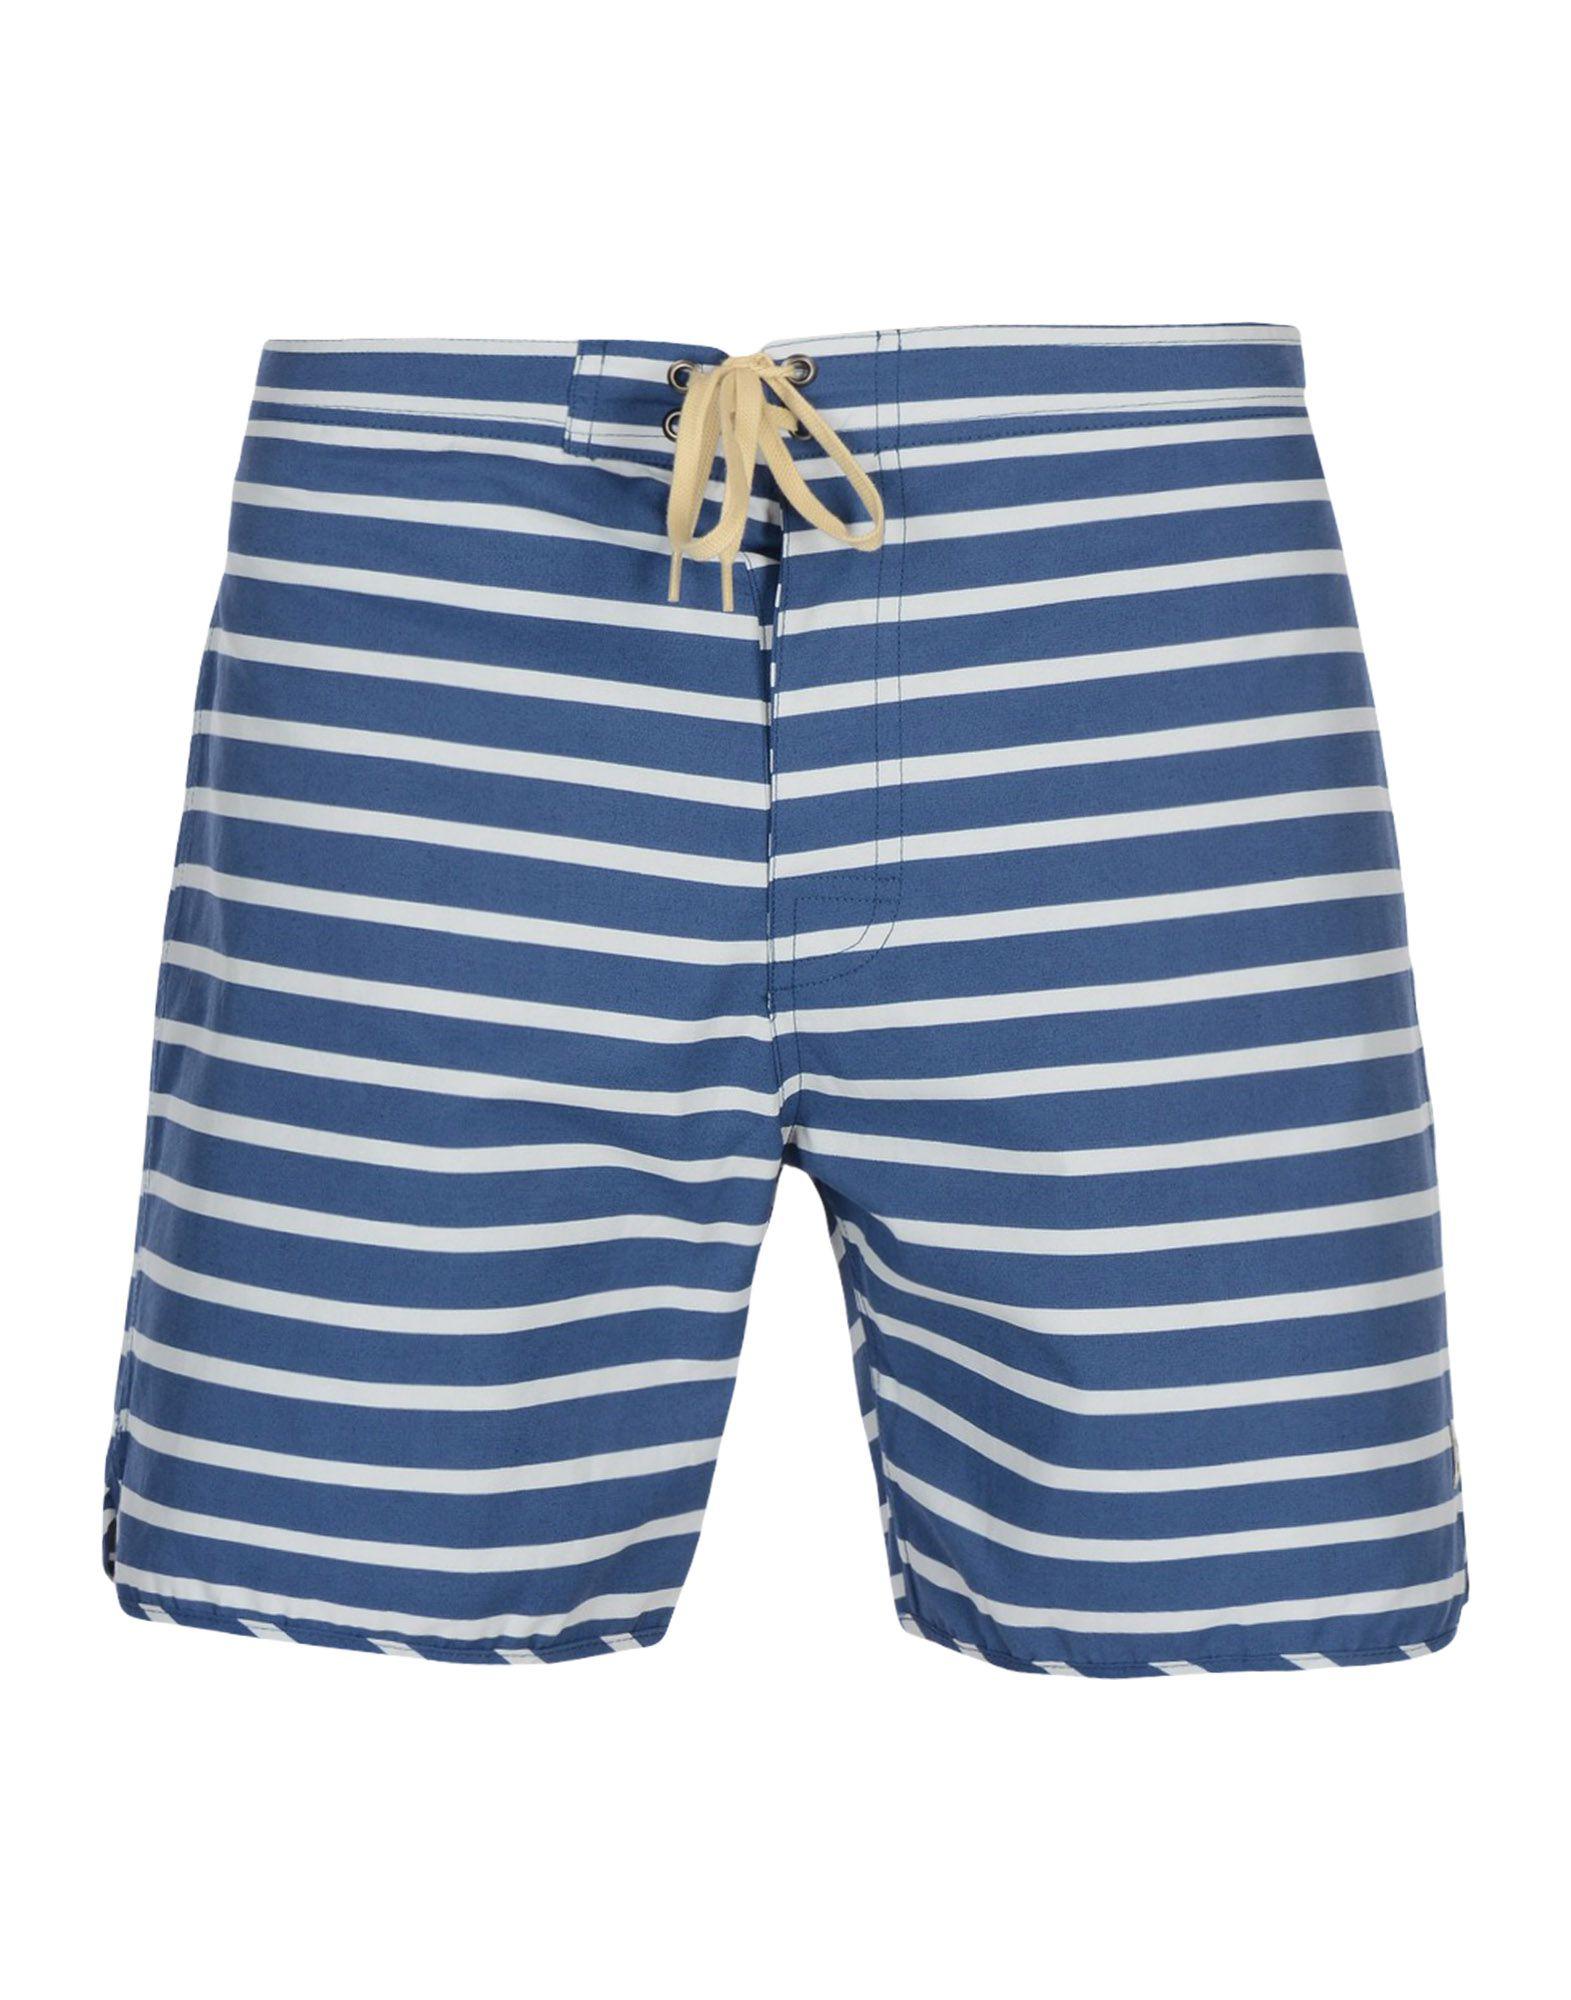 MOLLUSK Swim Shorts in Blue